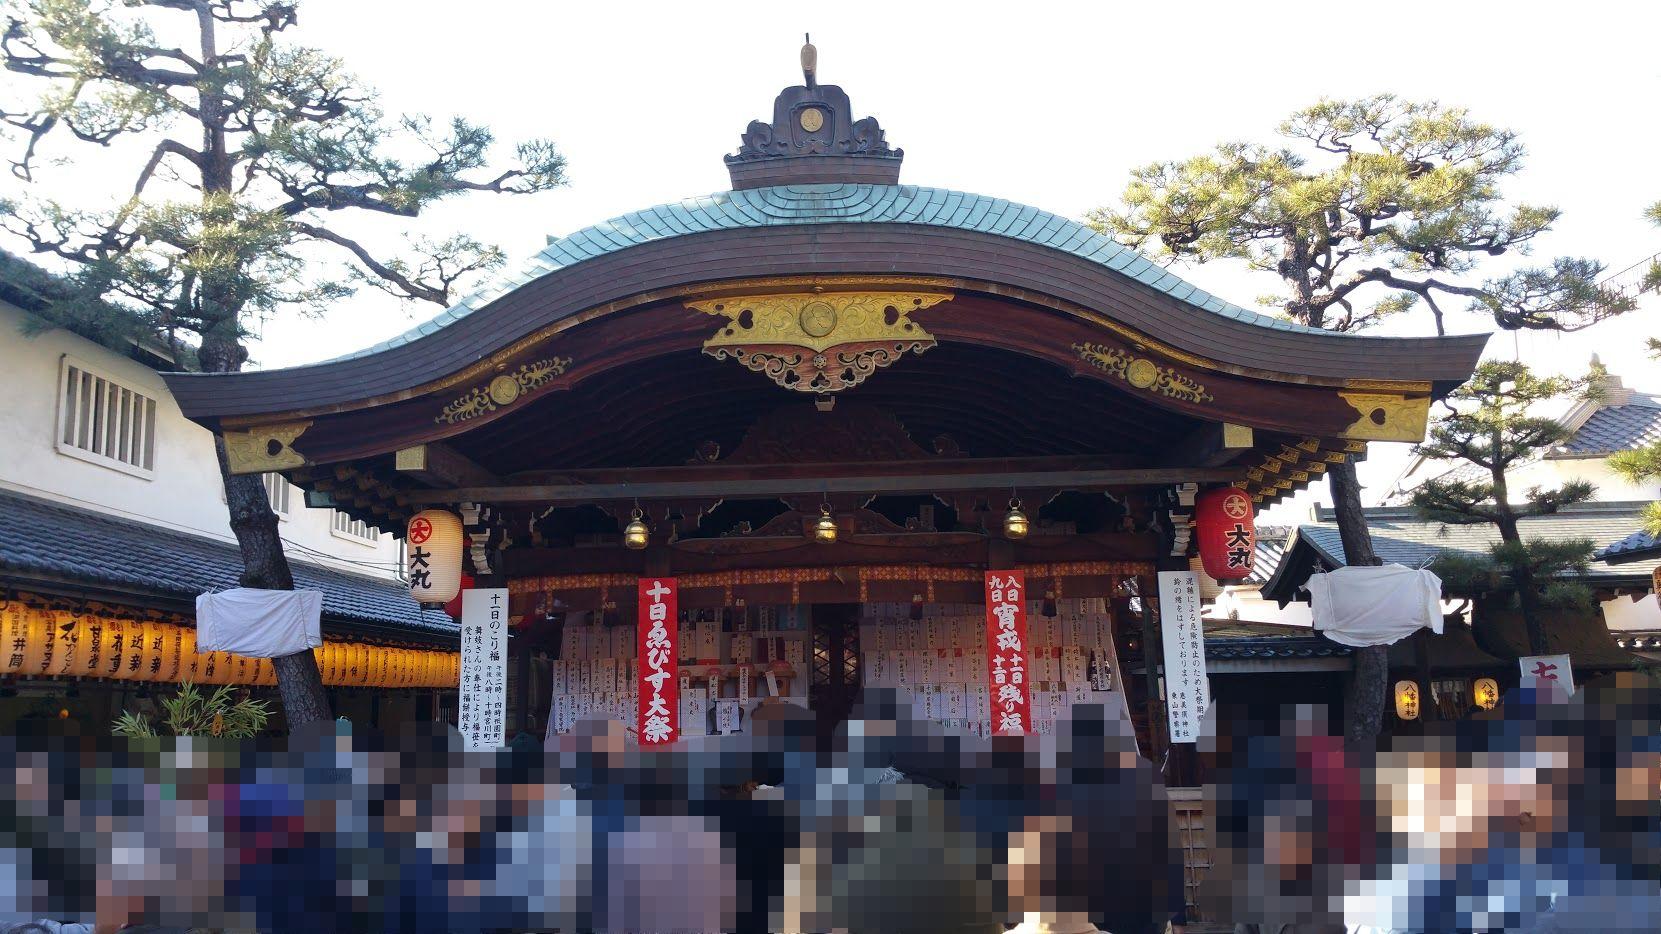 京都ゑびす神社5モザイク入